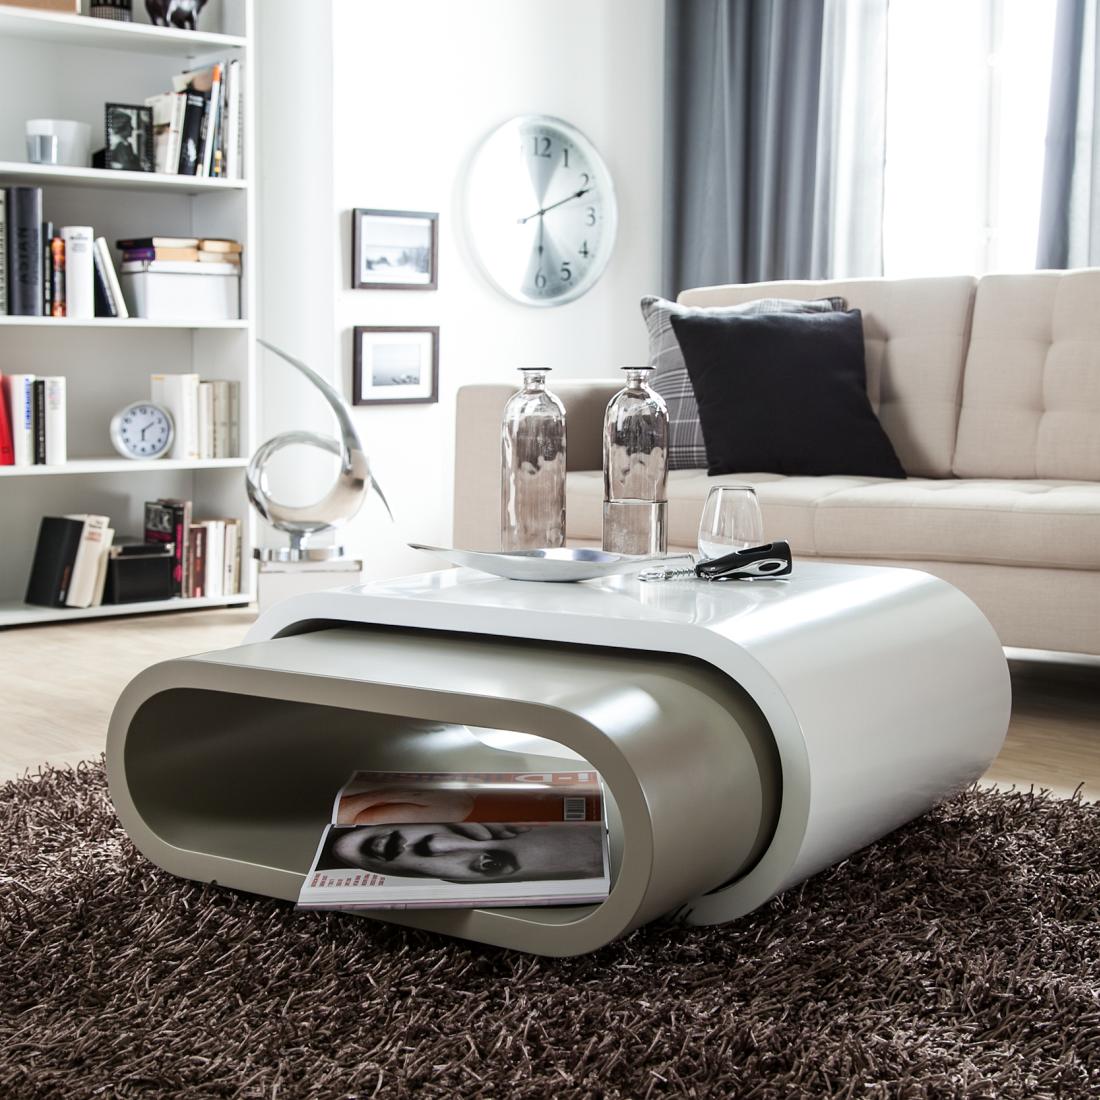 couchtisch grau weis couchtisch wei chromgestell mit. Black Bedroom Furniture Sets. Home Design Ideas